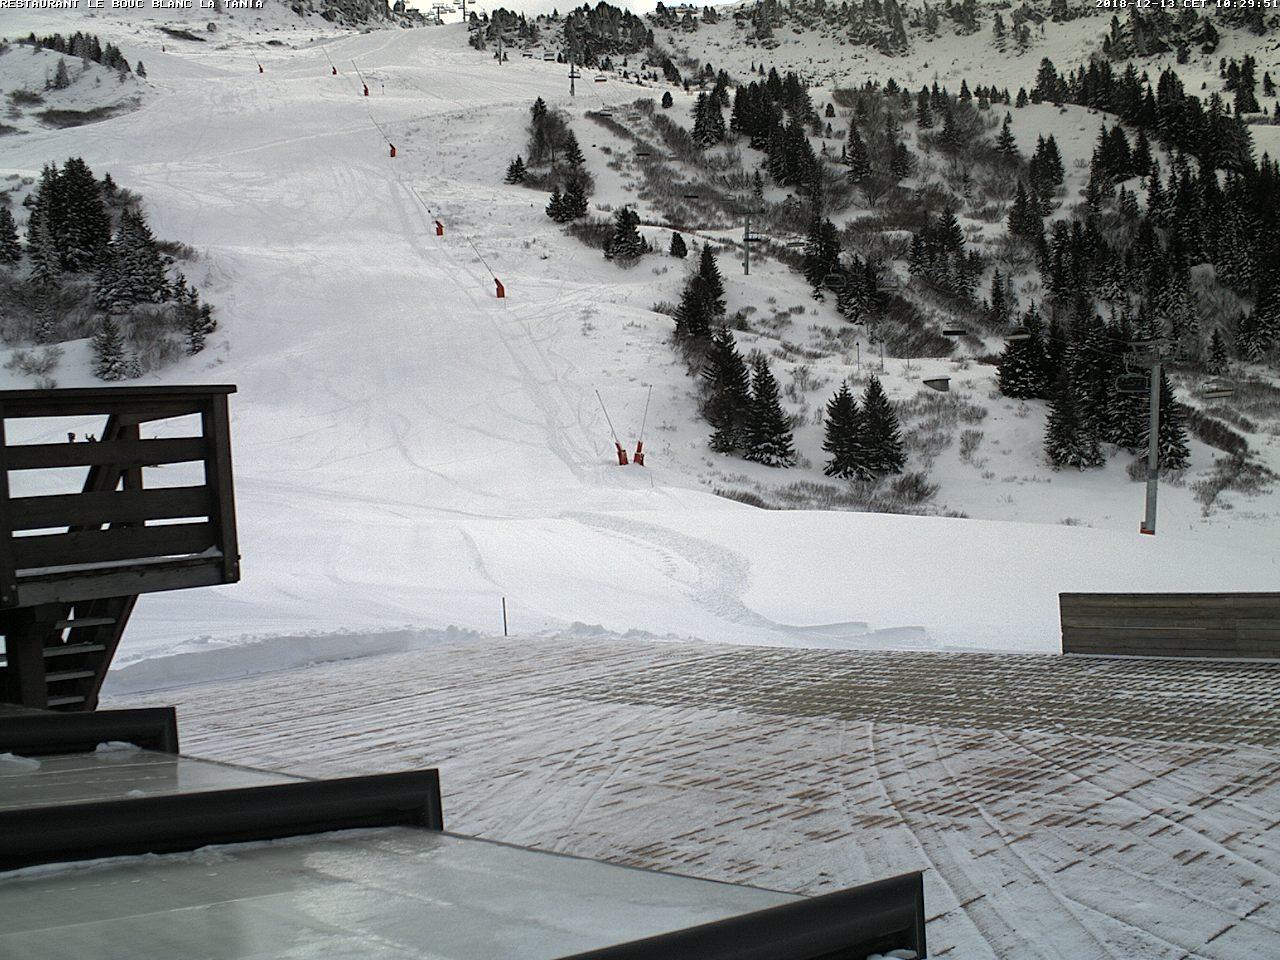 Webcam en La Tania - Bouc Blanc, Les 3 Vallees (Alpes Franceses)